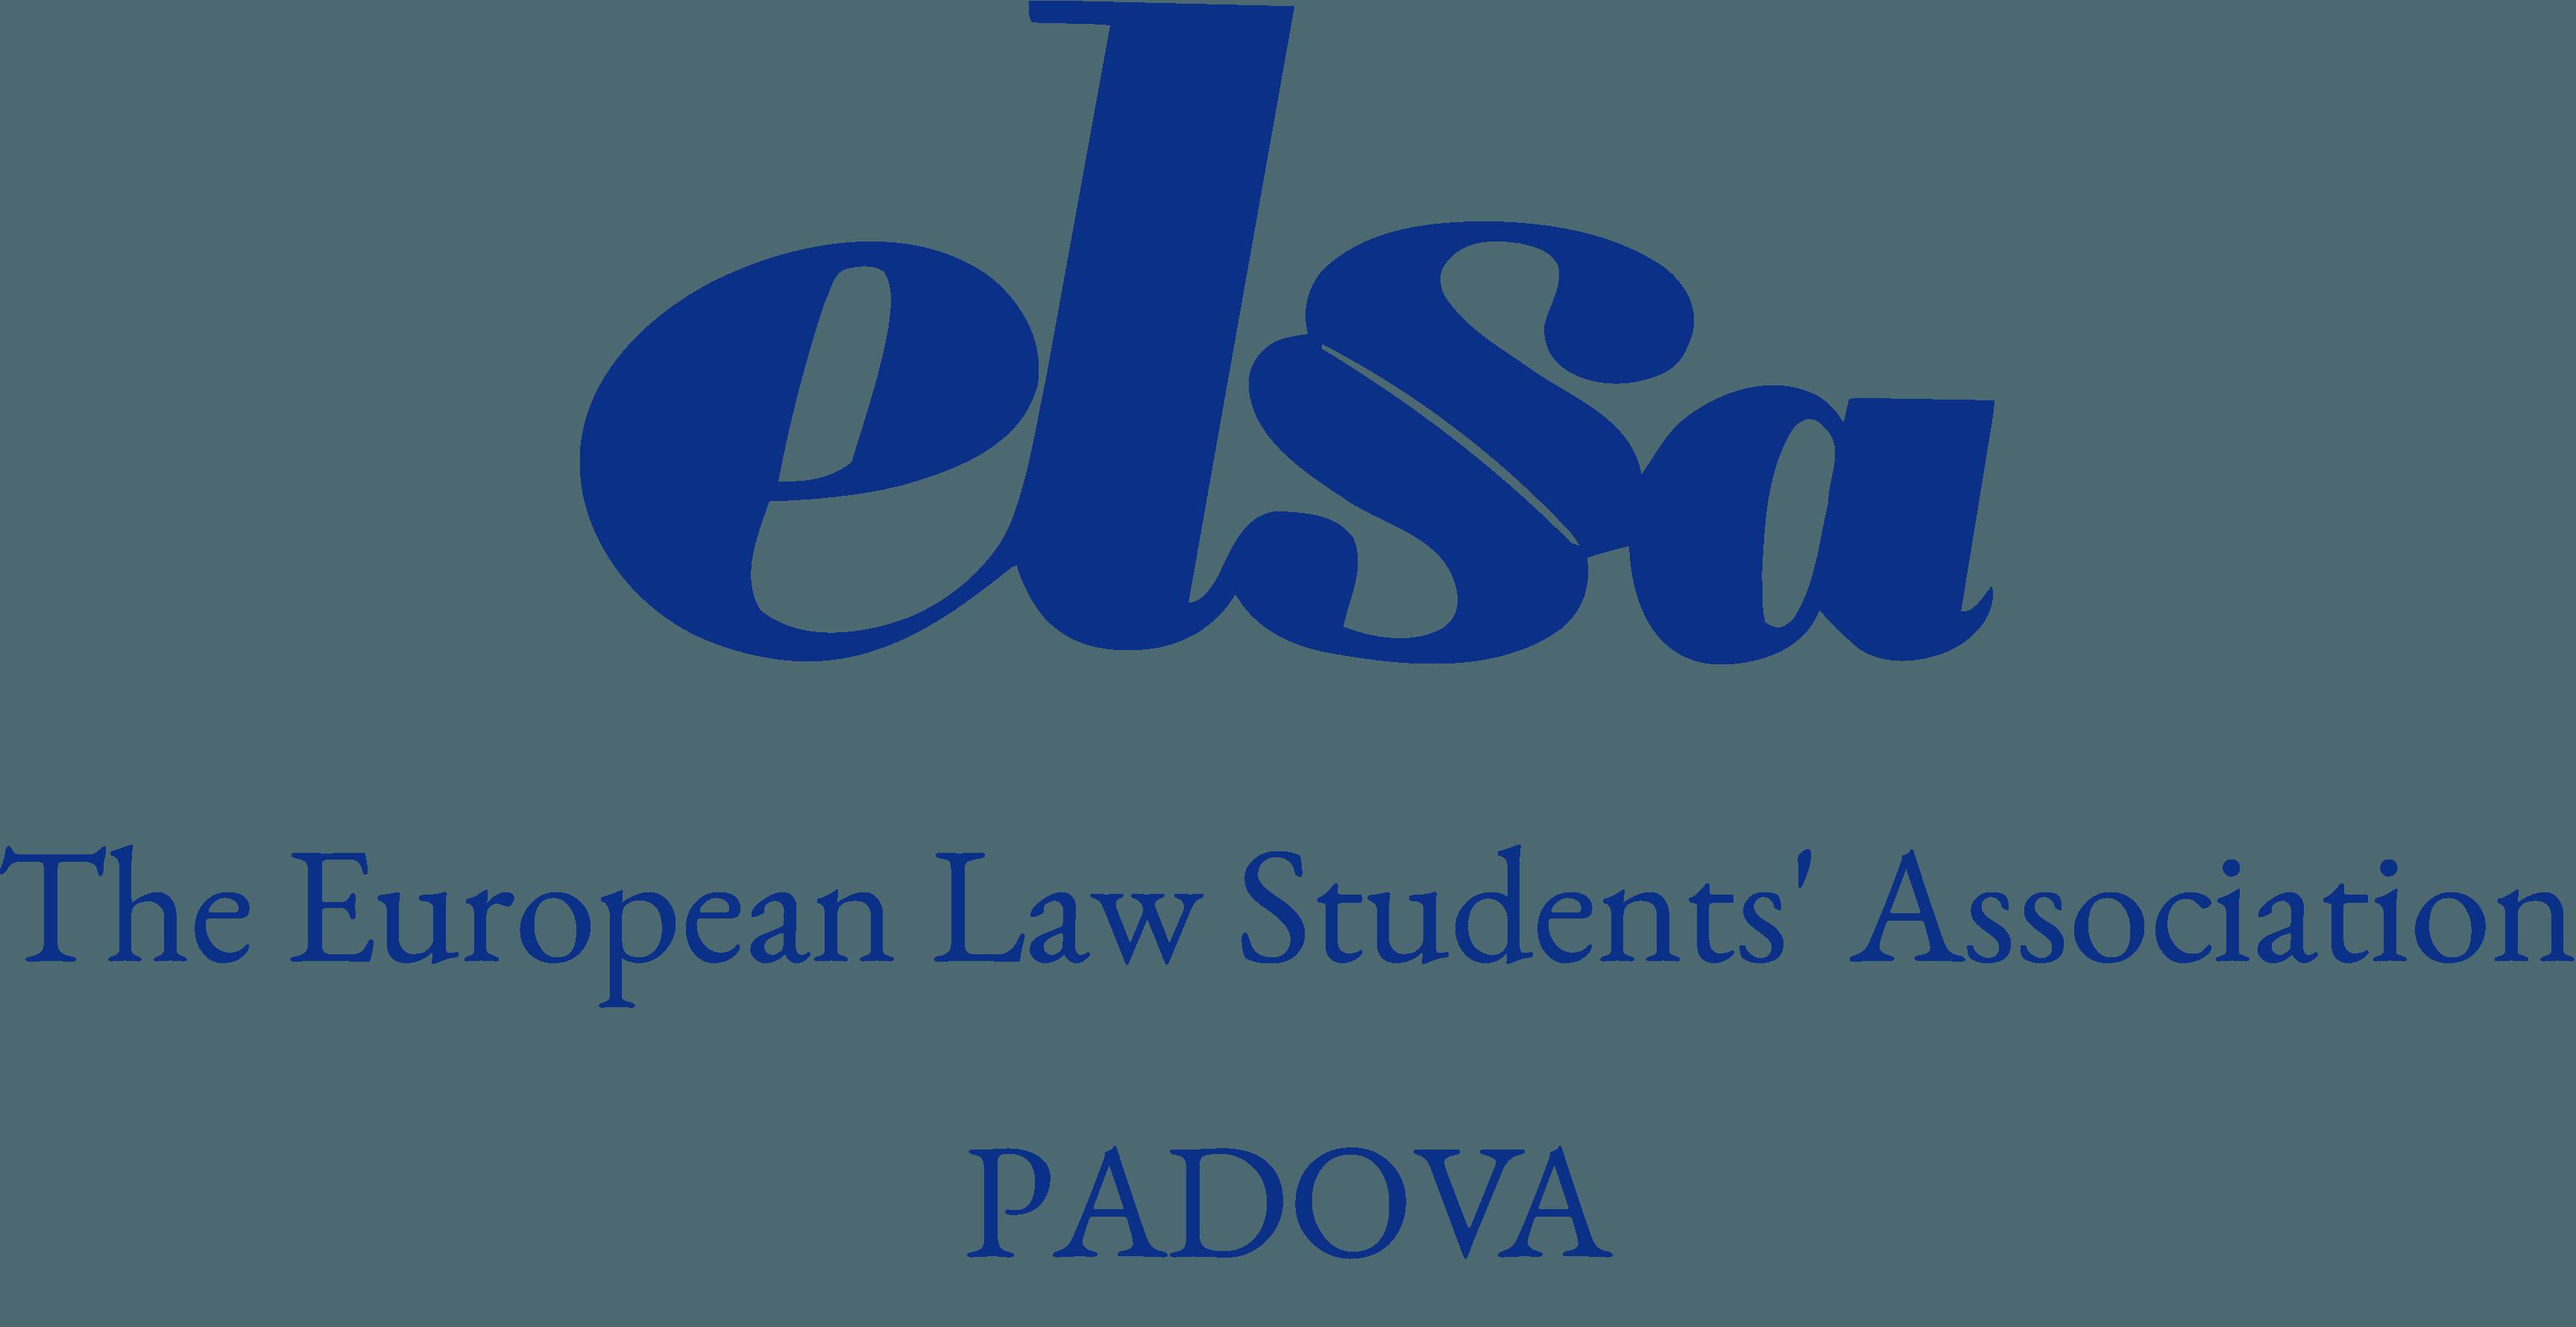 ELSA Padova